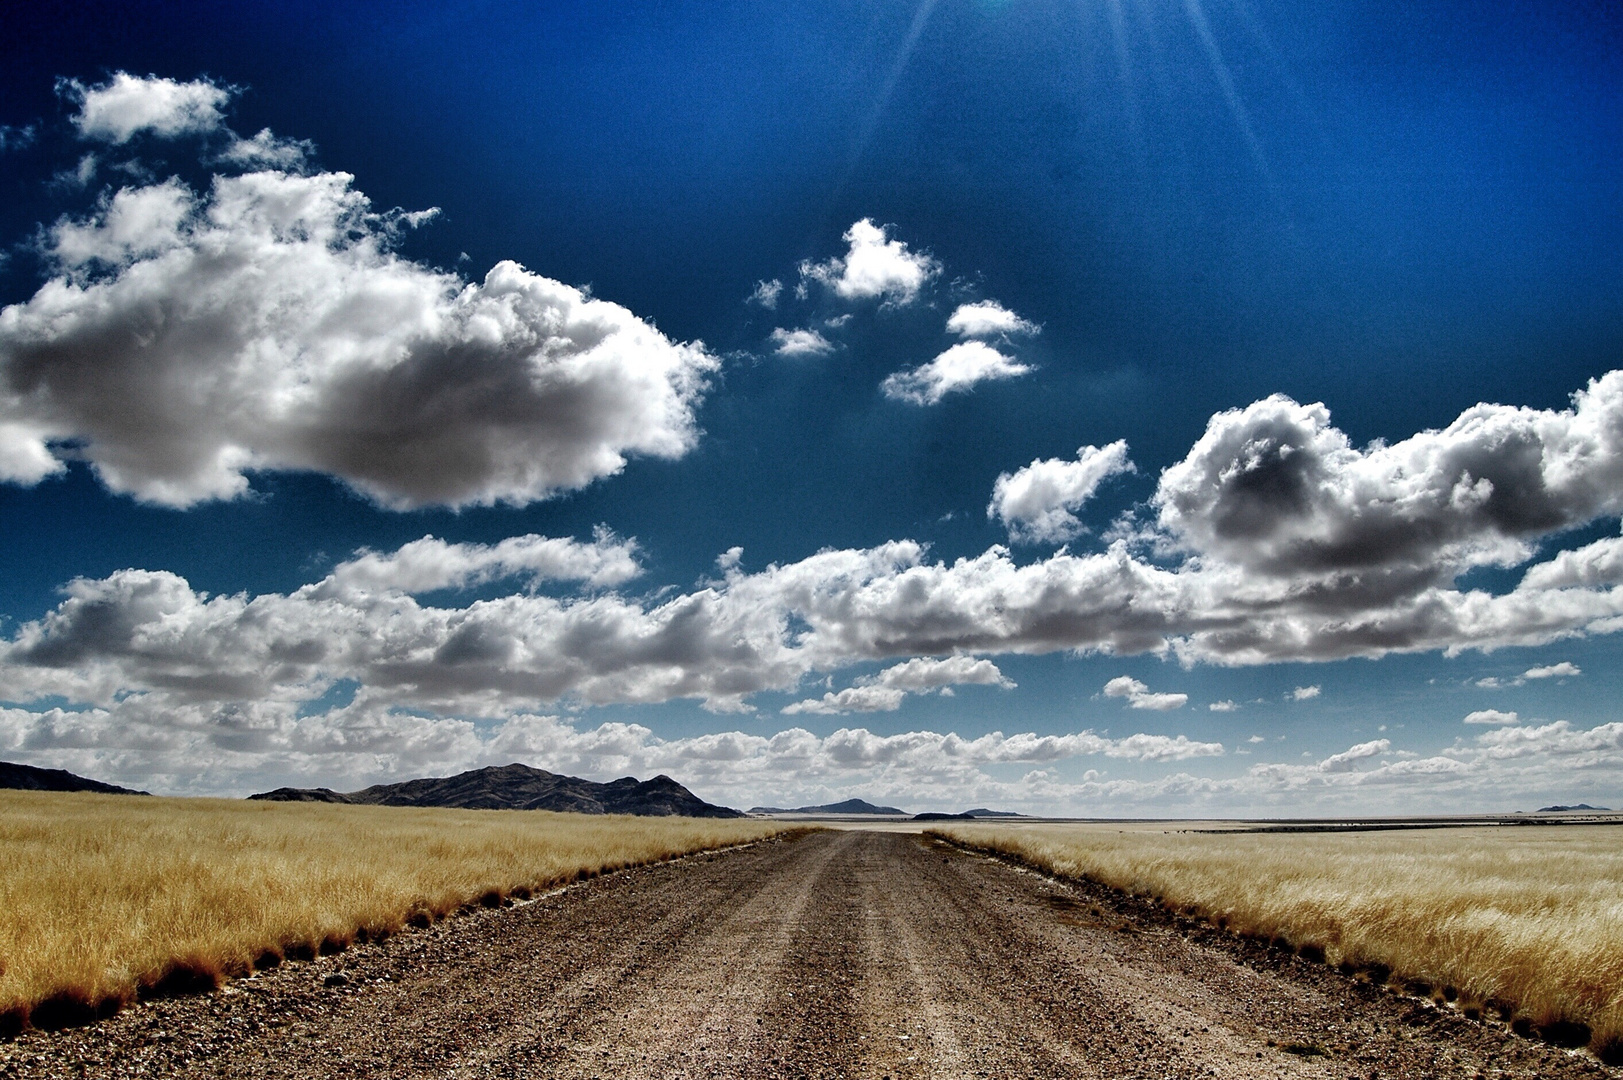 Anywhere in Namibia